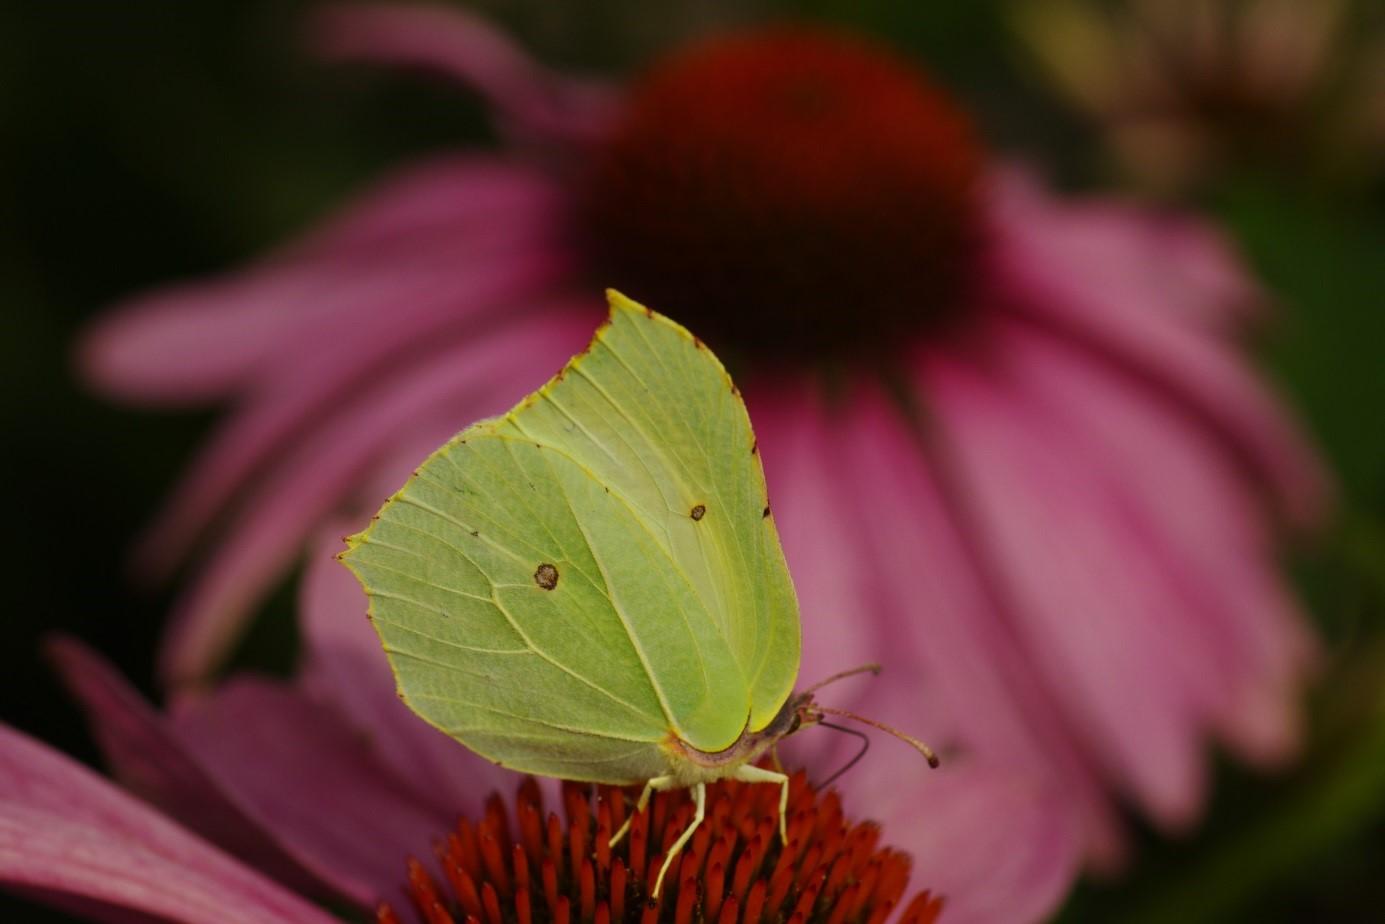 De citroenvlinder leeft dus elk jaar in één generatie - Foto: ©Gerrit de Graaff